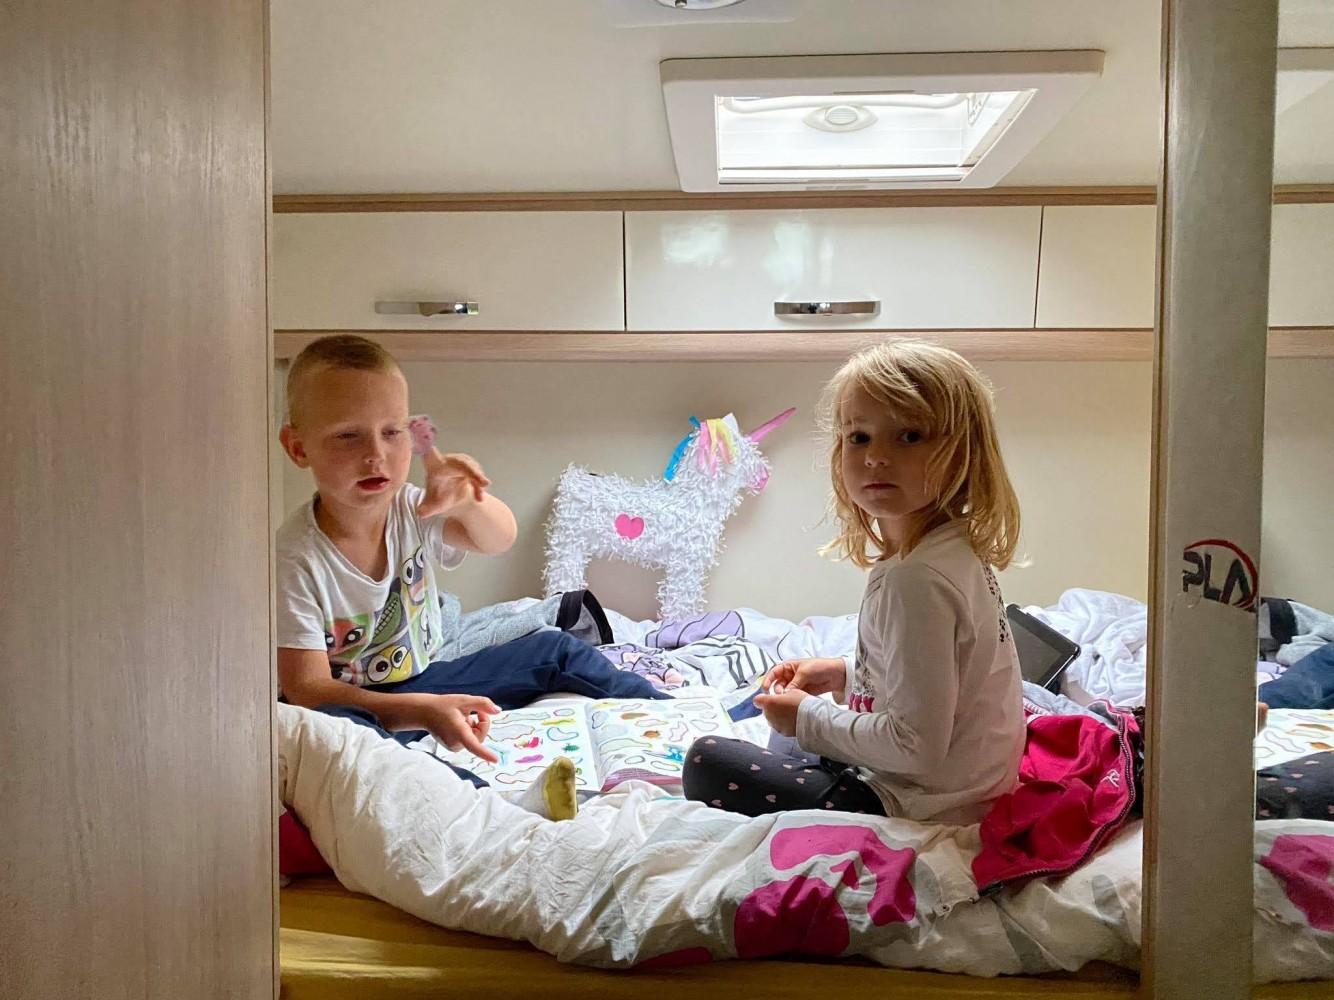 Igranje na postelji, nekaj stopničk višje od poda